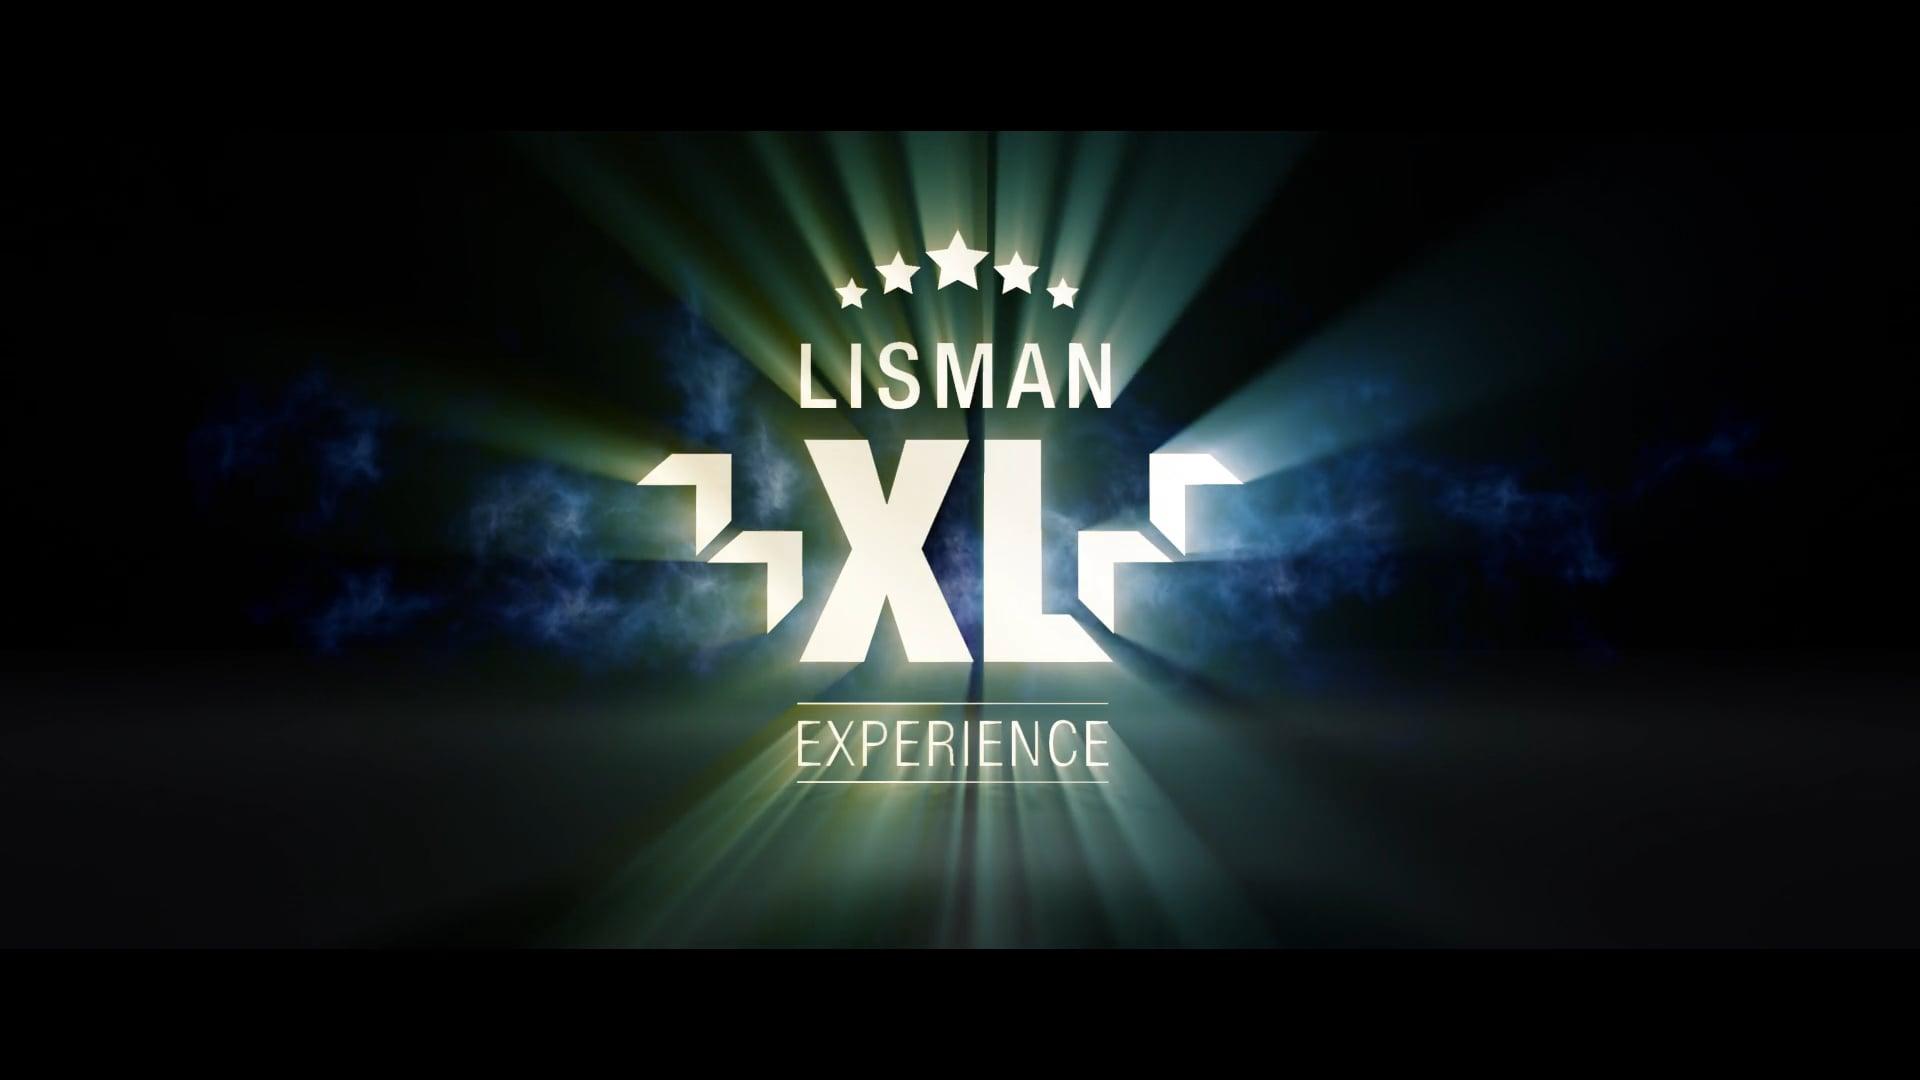 Lisman Forklifts uitnodiging